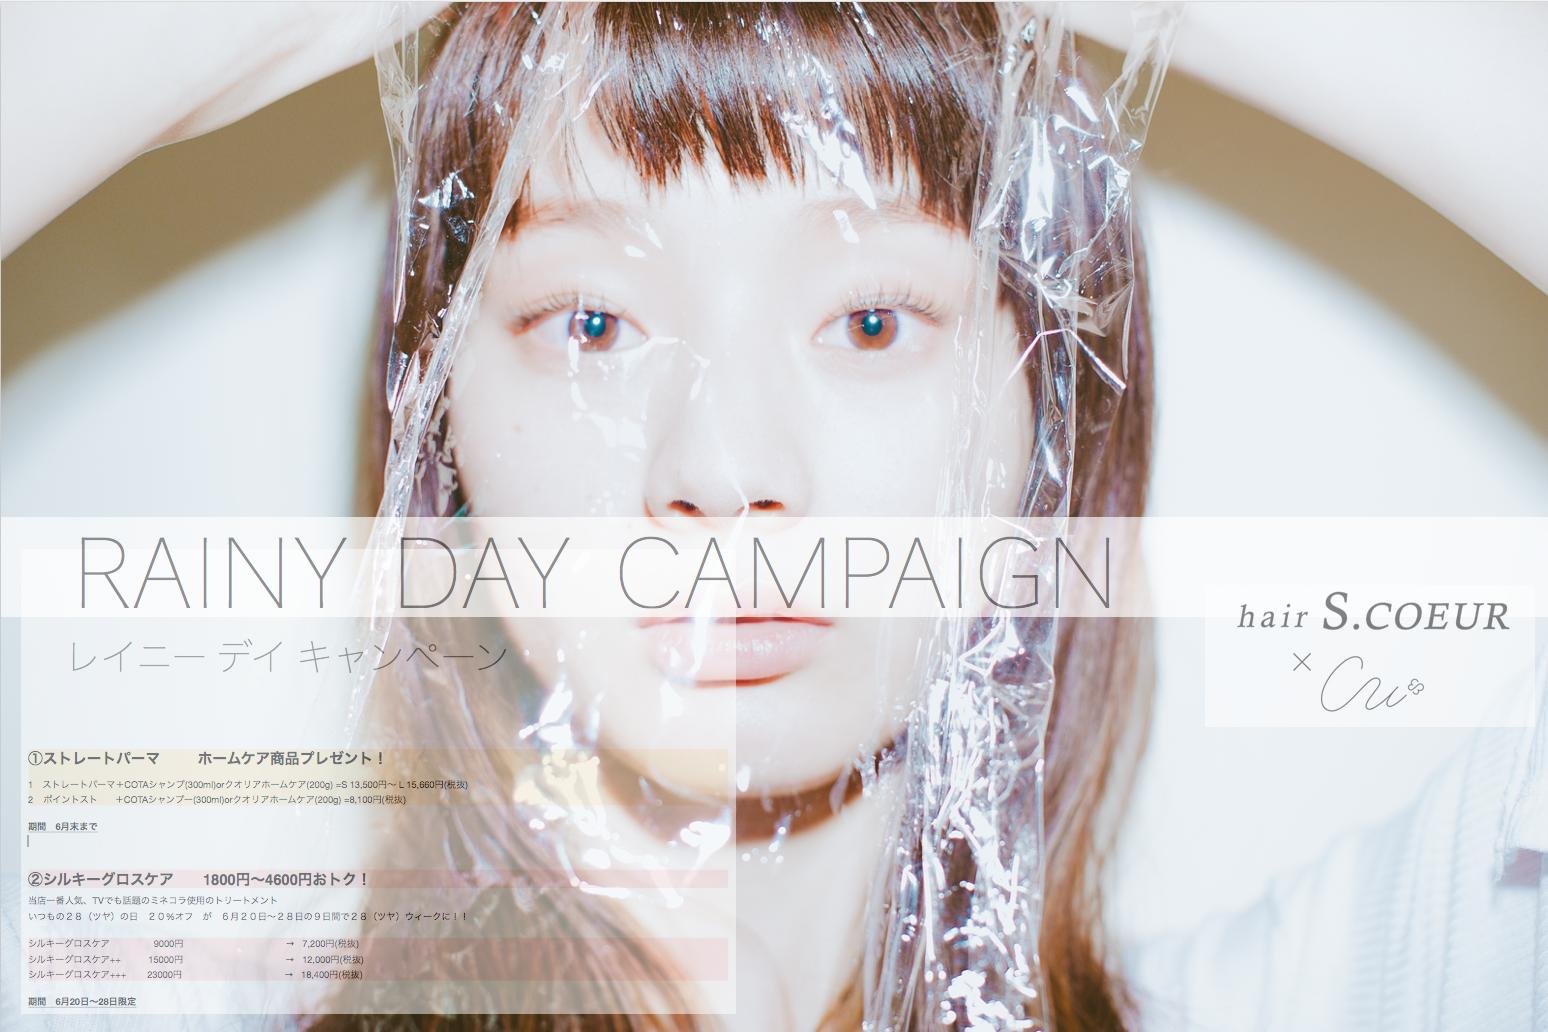 RAINY DAY CAMPAIGN